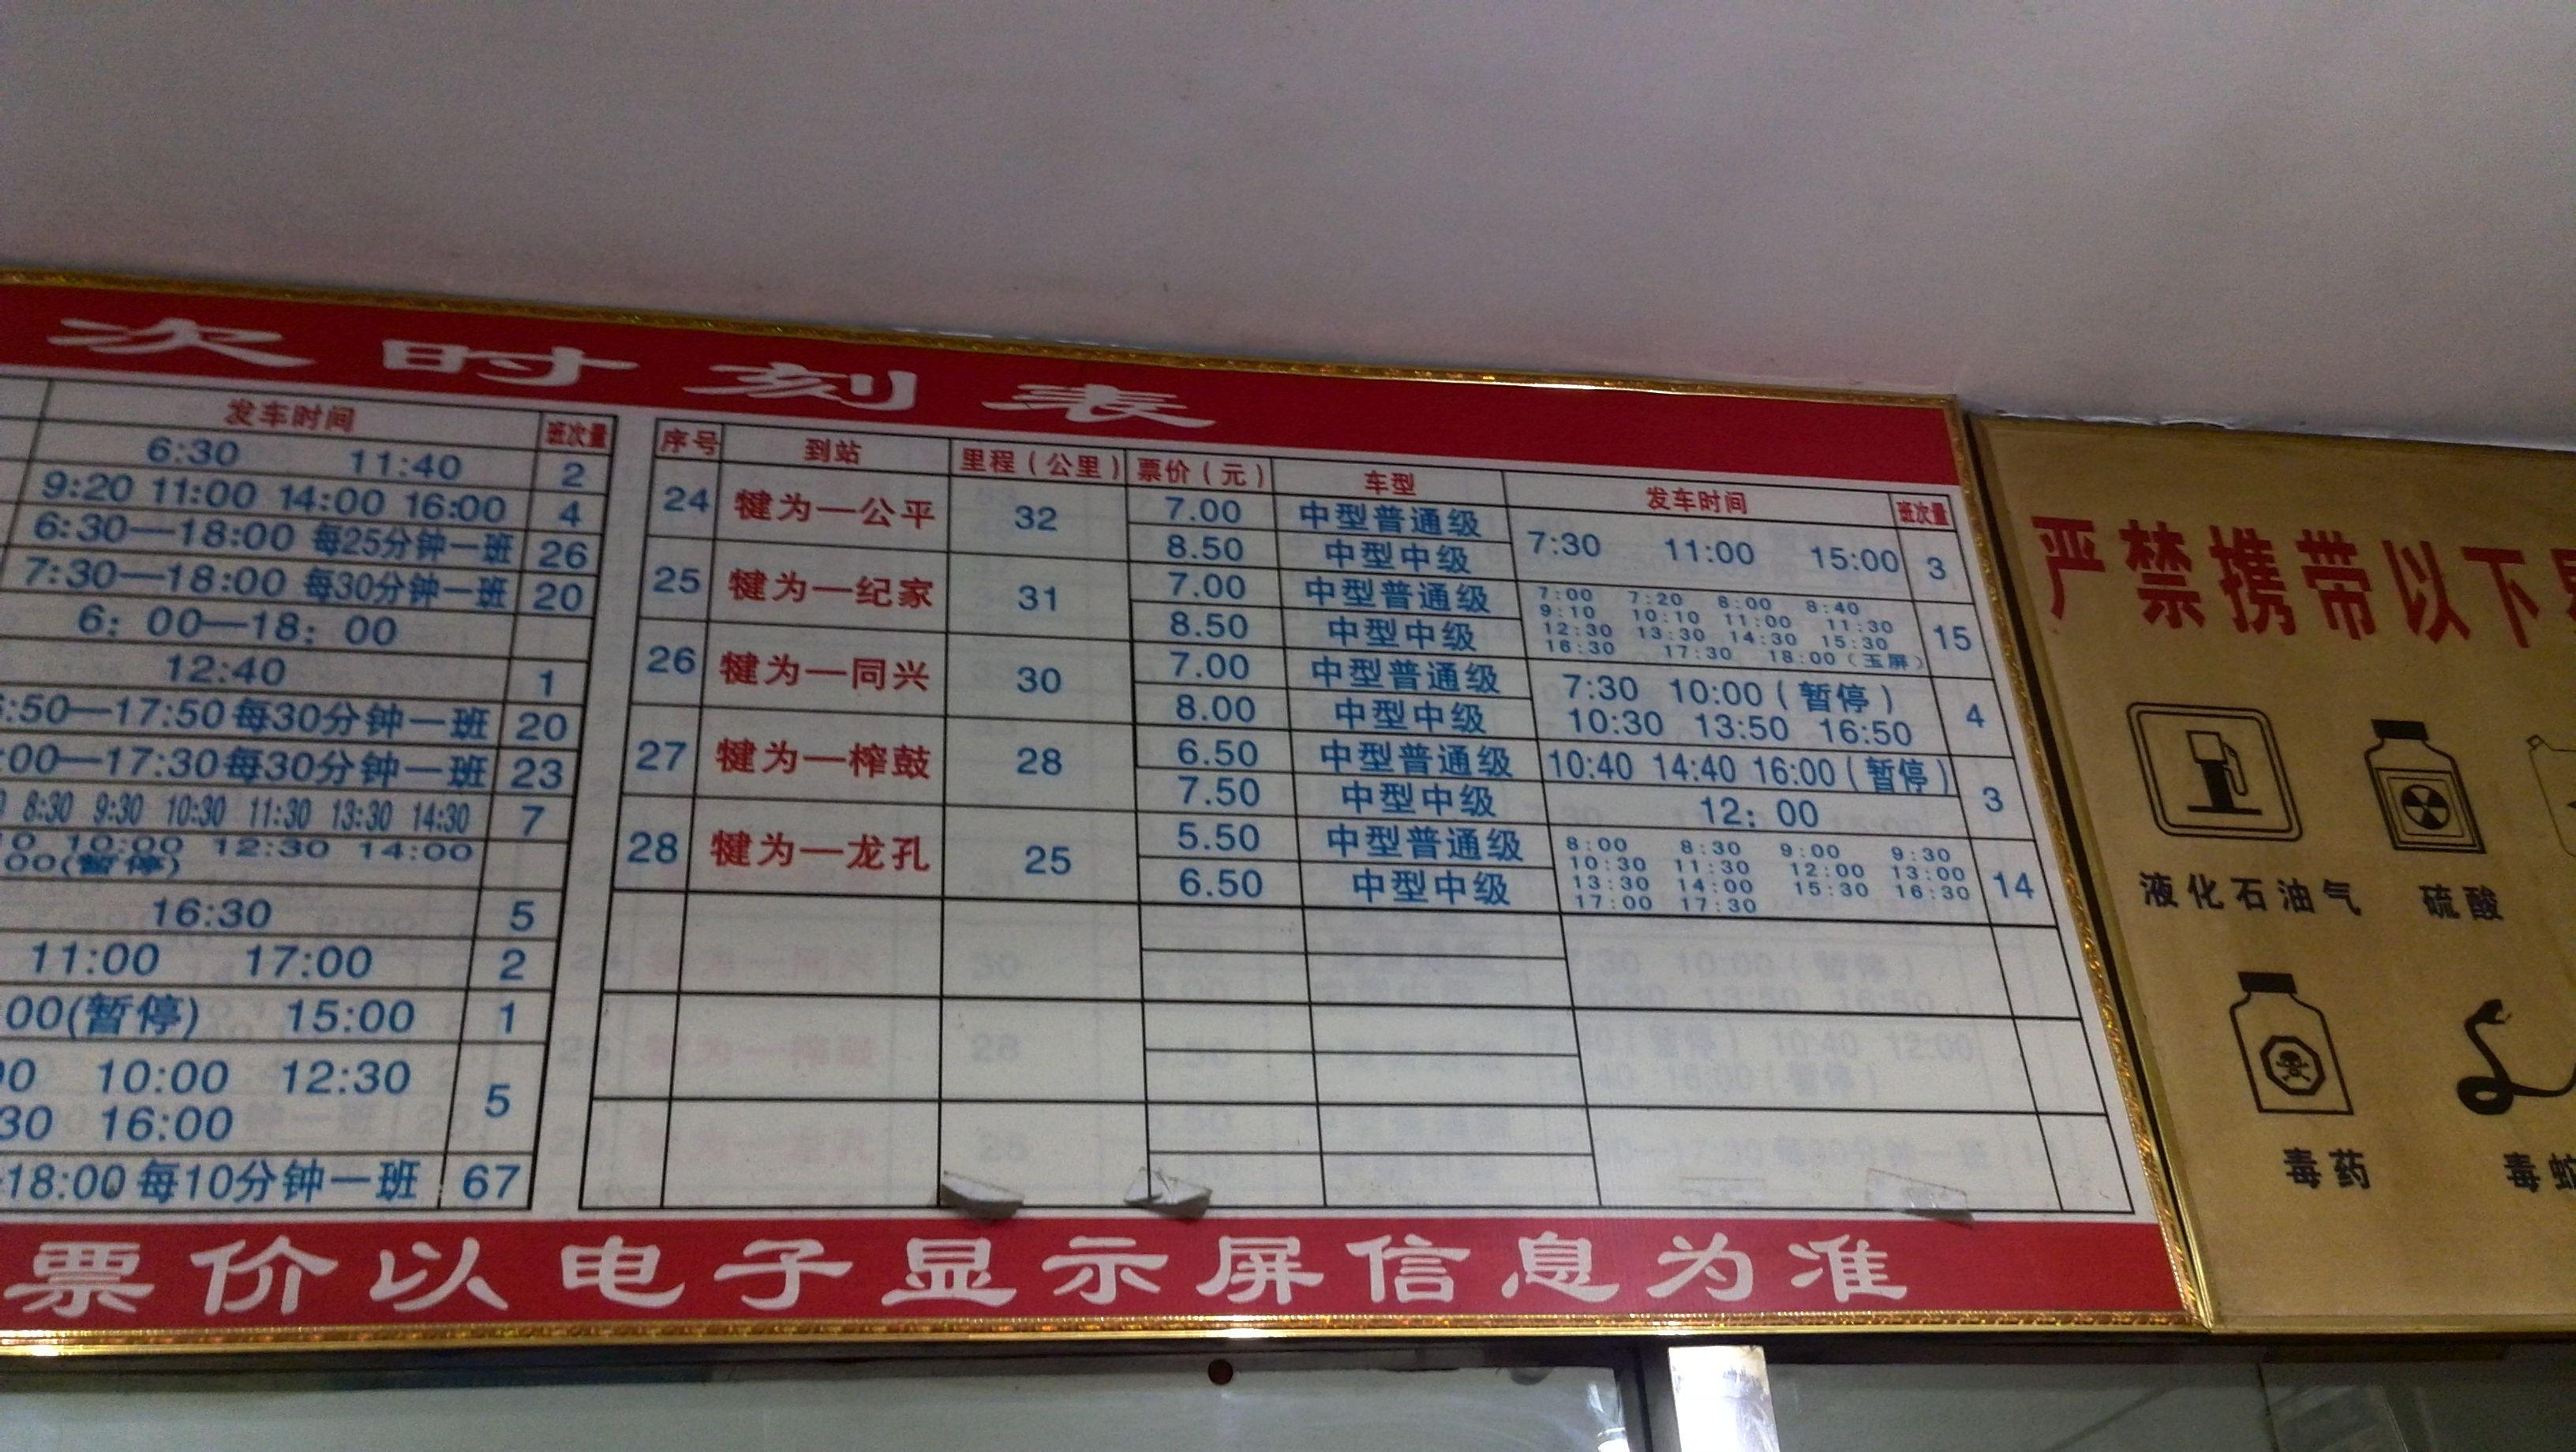 南京 游客在常州汽车站乘坐到溧阳班车每20分钟一班图片-无锡到宜高清图片